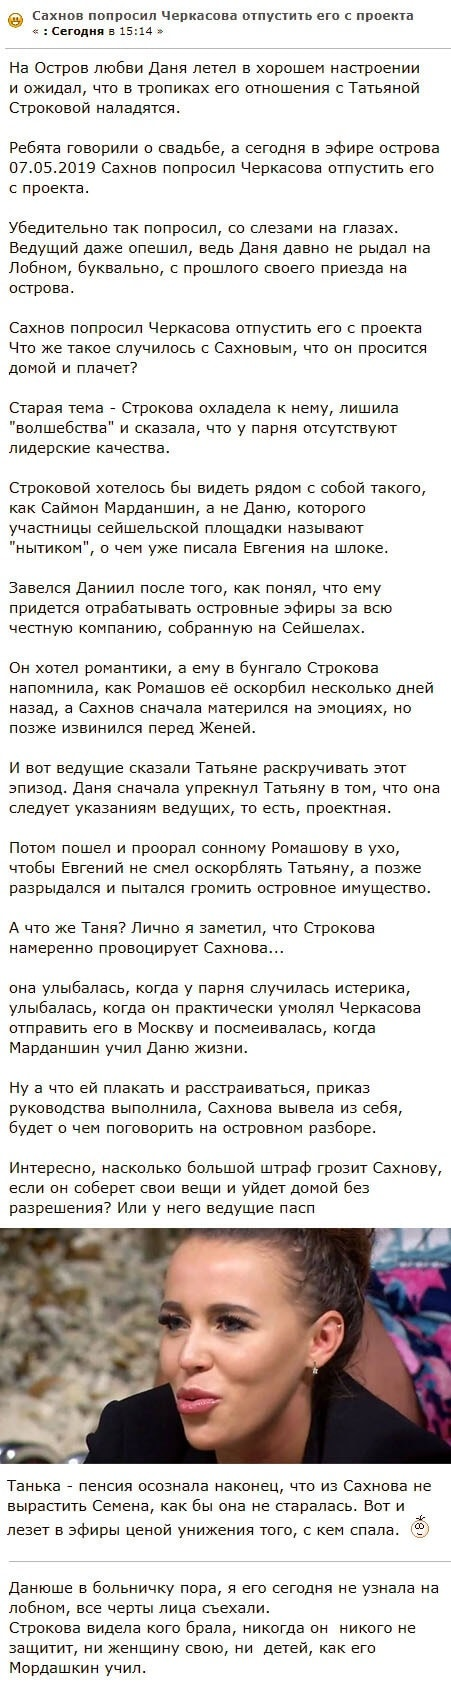 Сговор Татьяны Строковой и организаторов против Даниила Сахнова